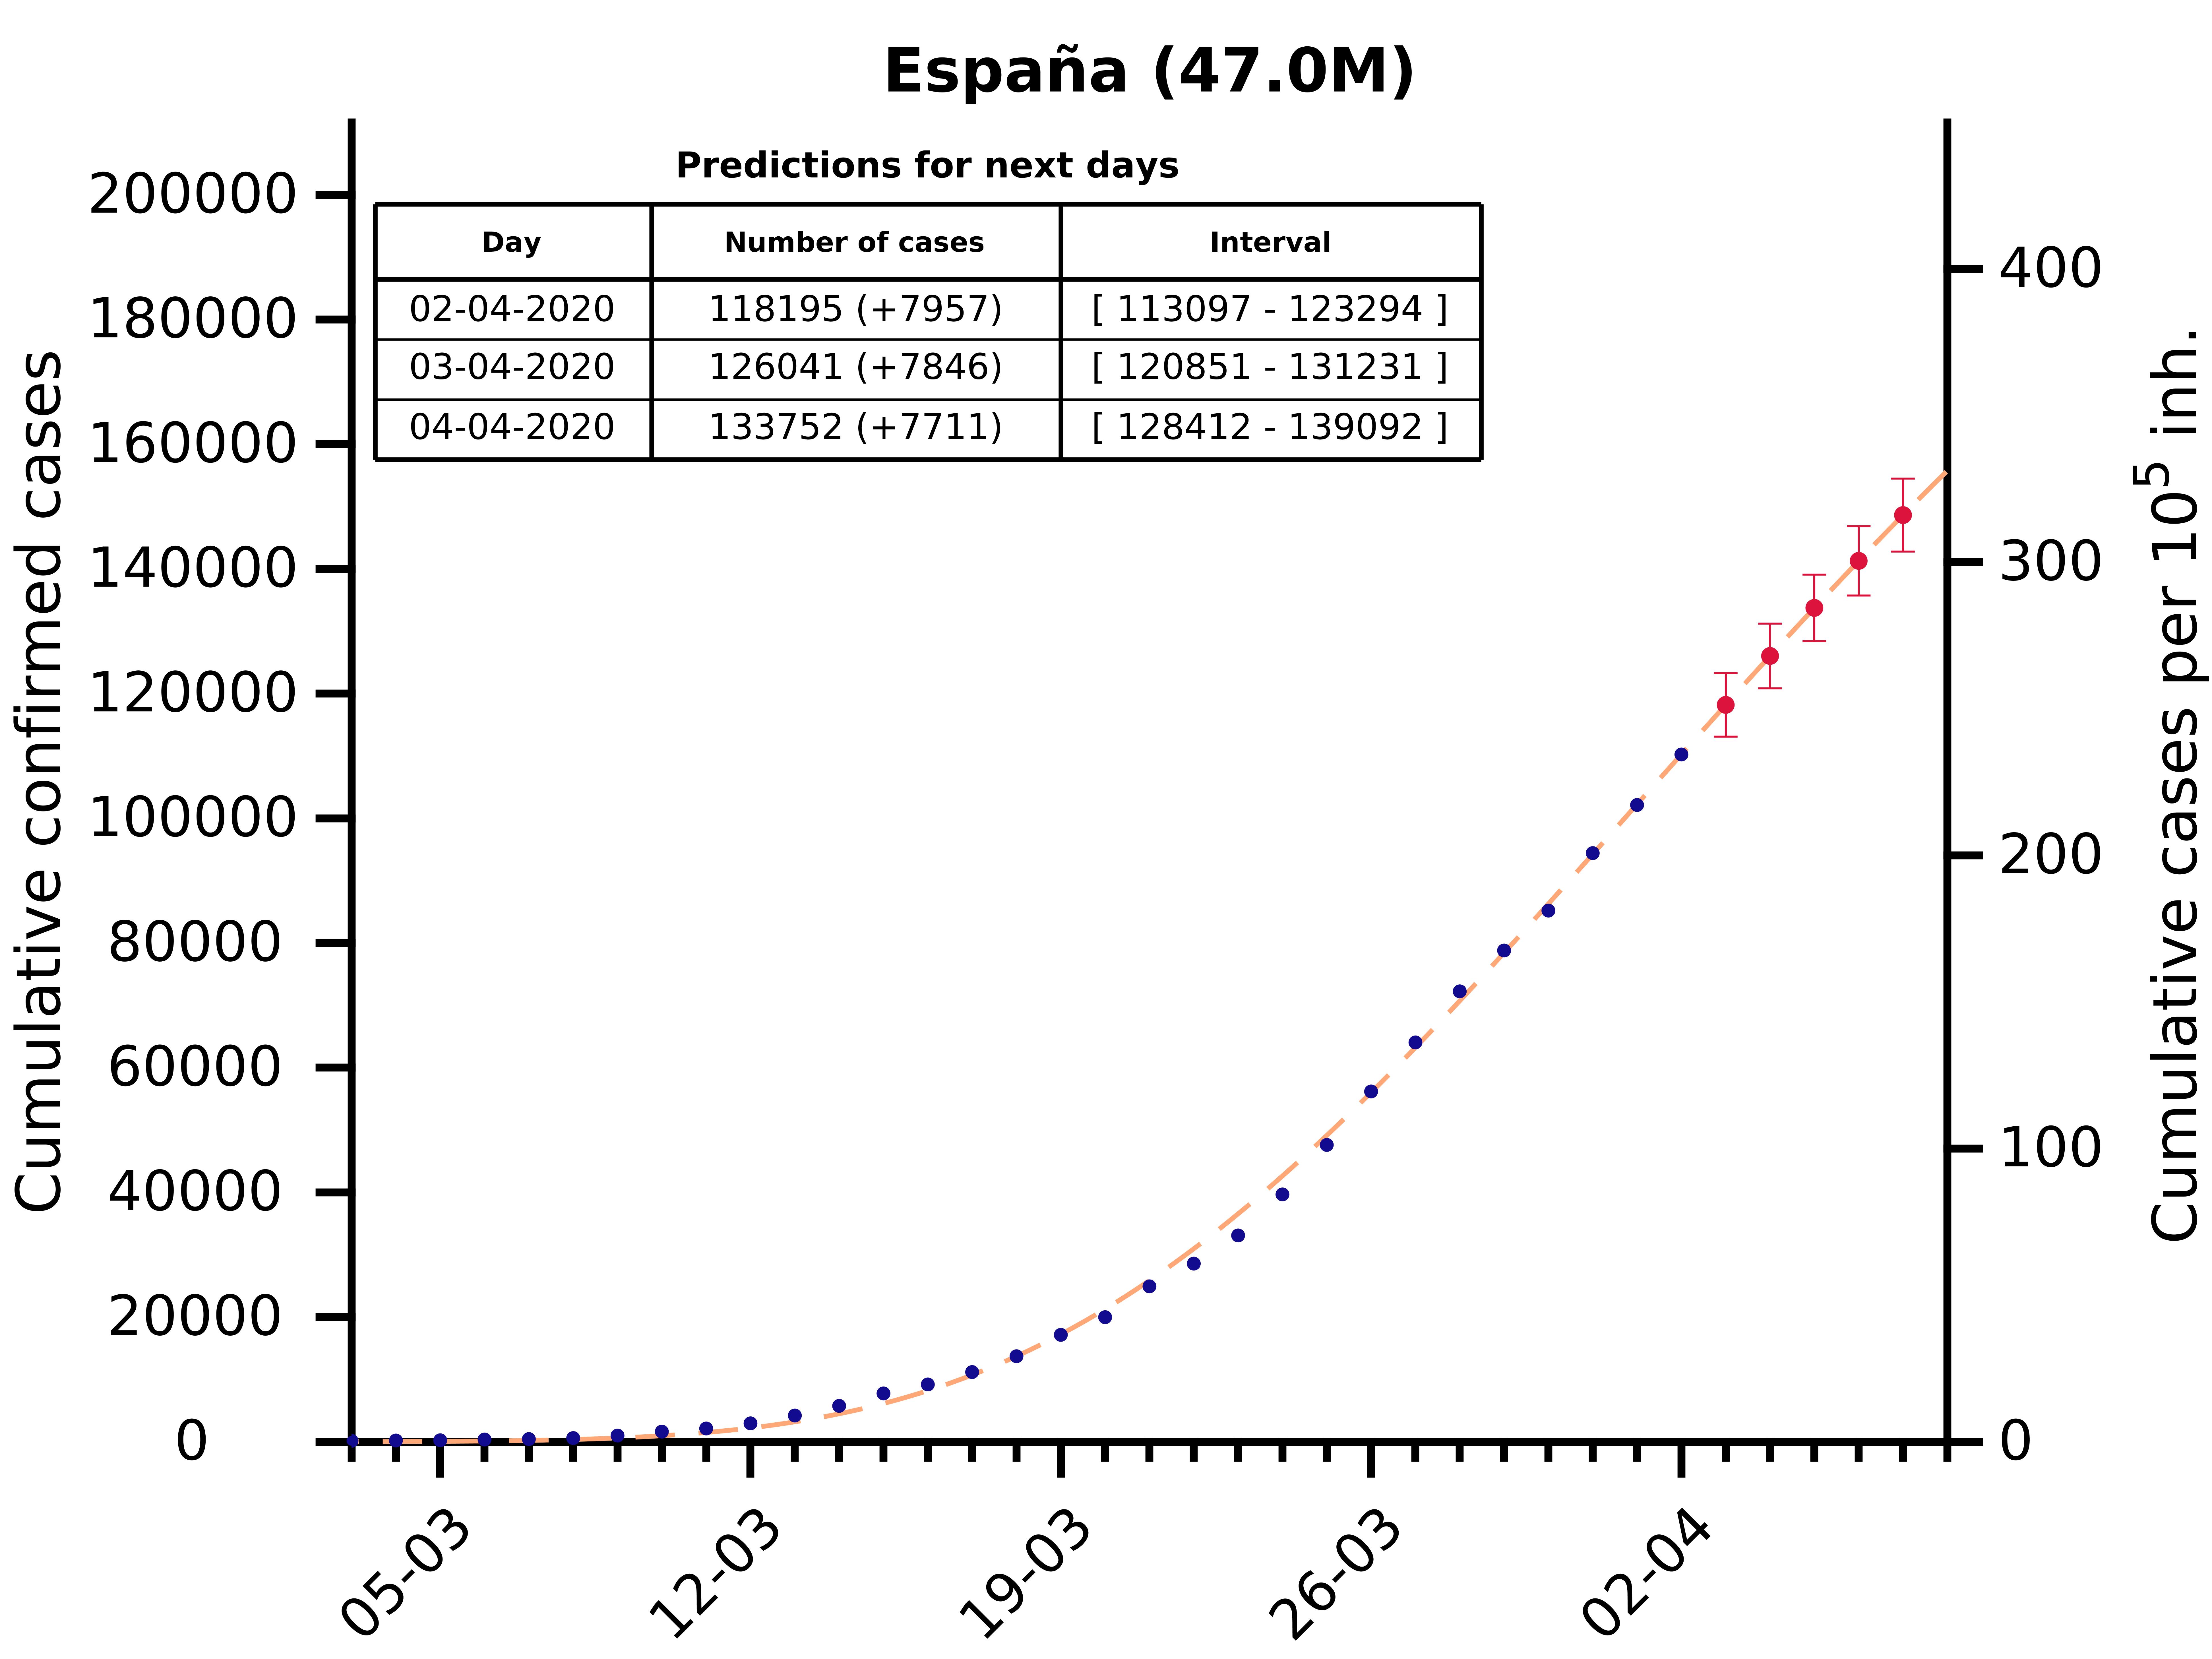 España_02-04-2020.png